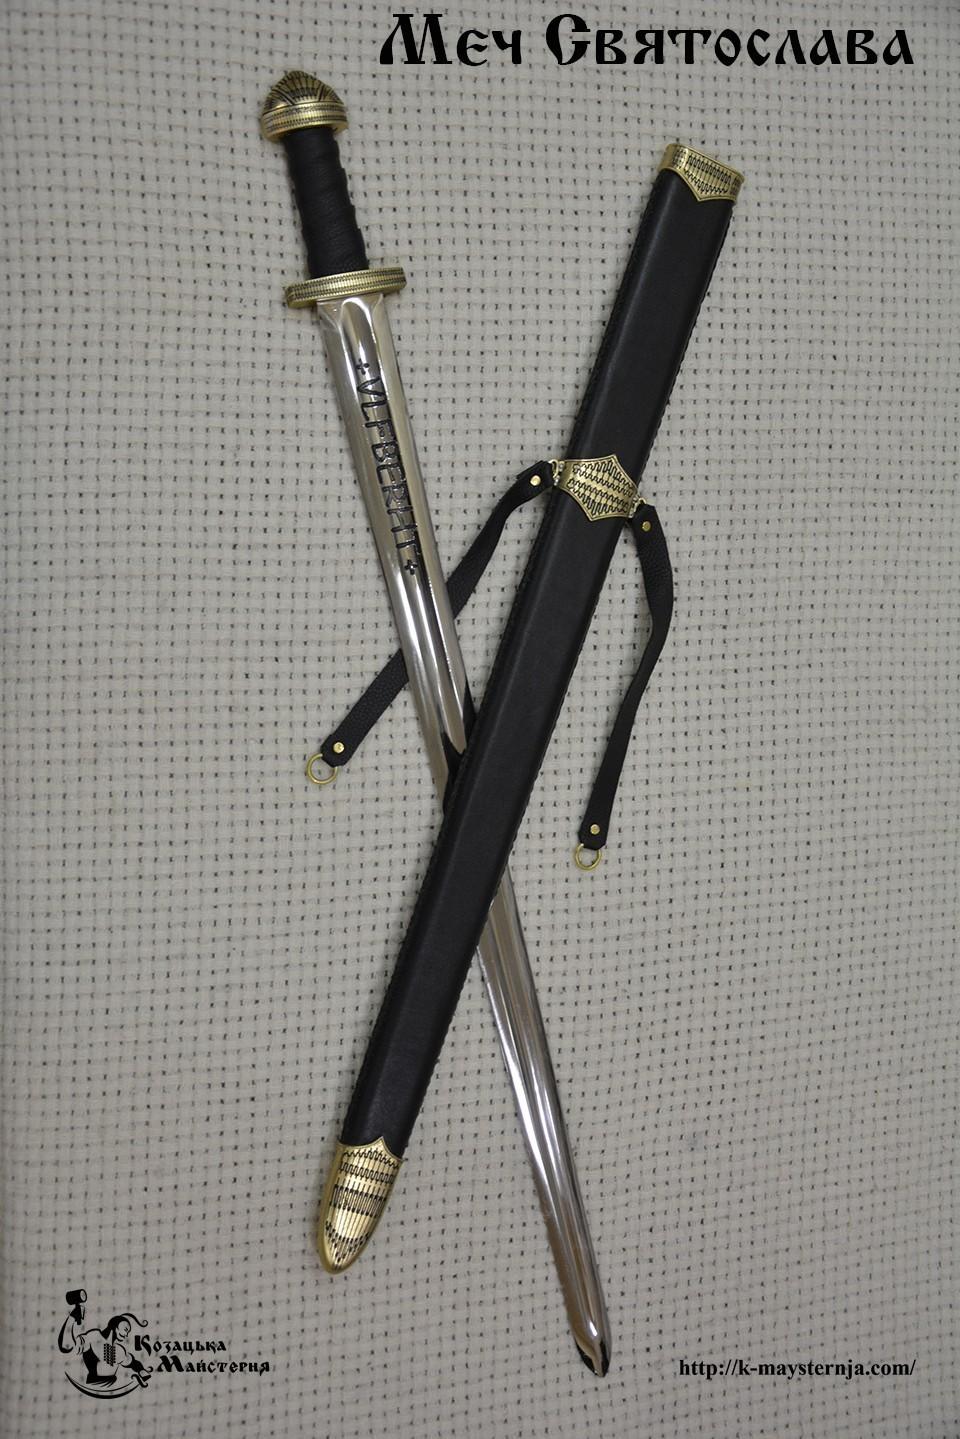 Купить меч Святослава, купити меч Святослава 1